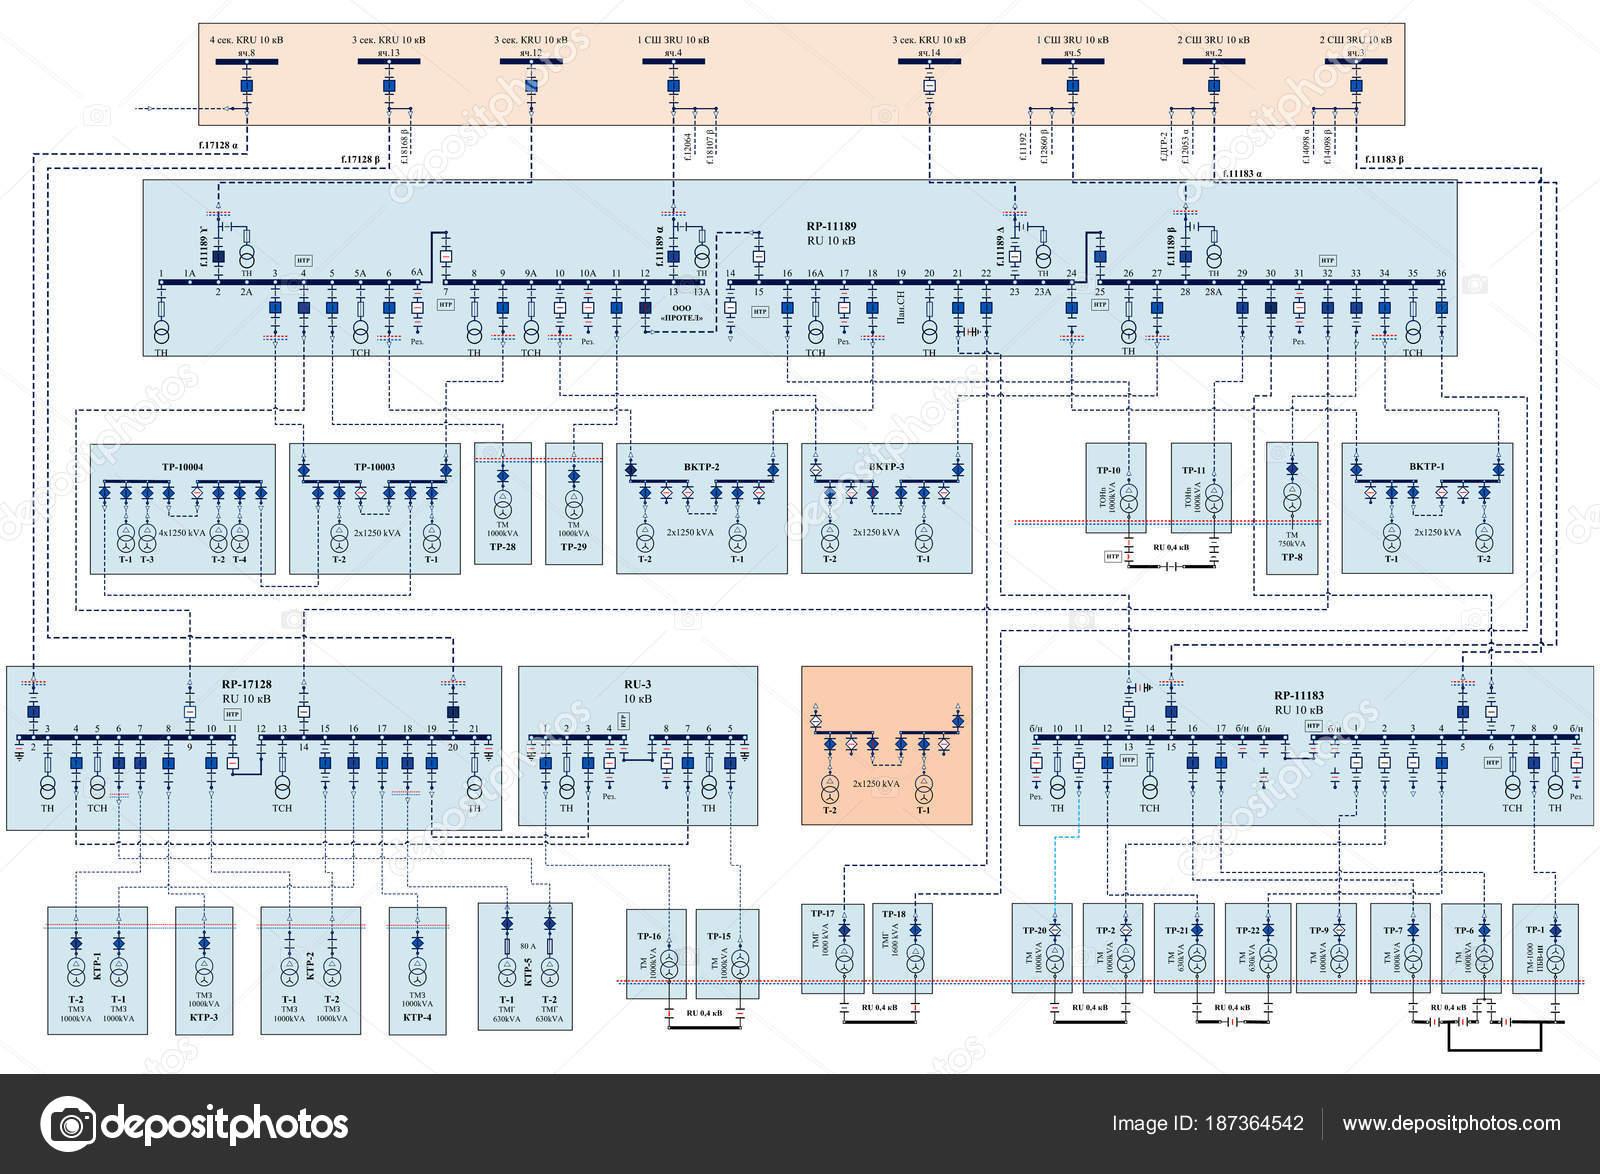 Schema Di Cablaggio : Schema cablaggio elettrico trasformatori potenza u foto stock